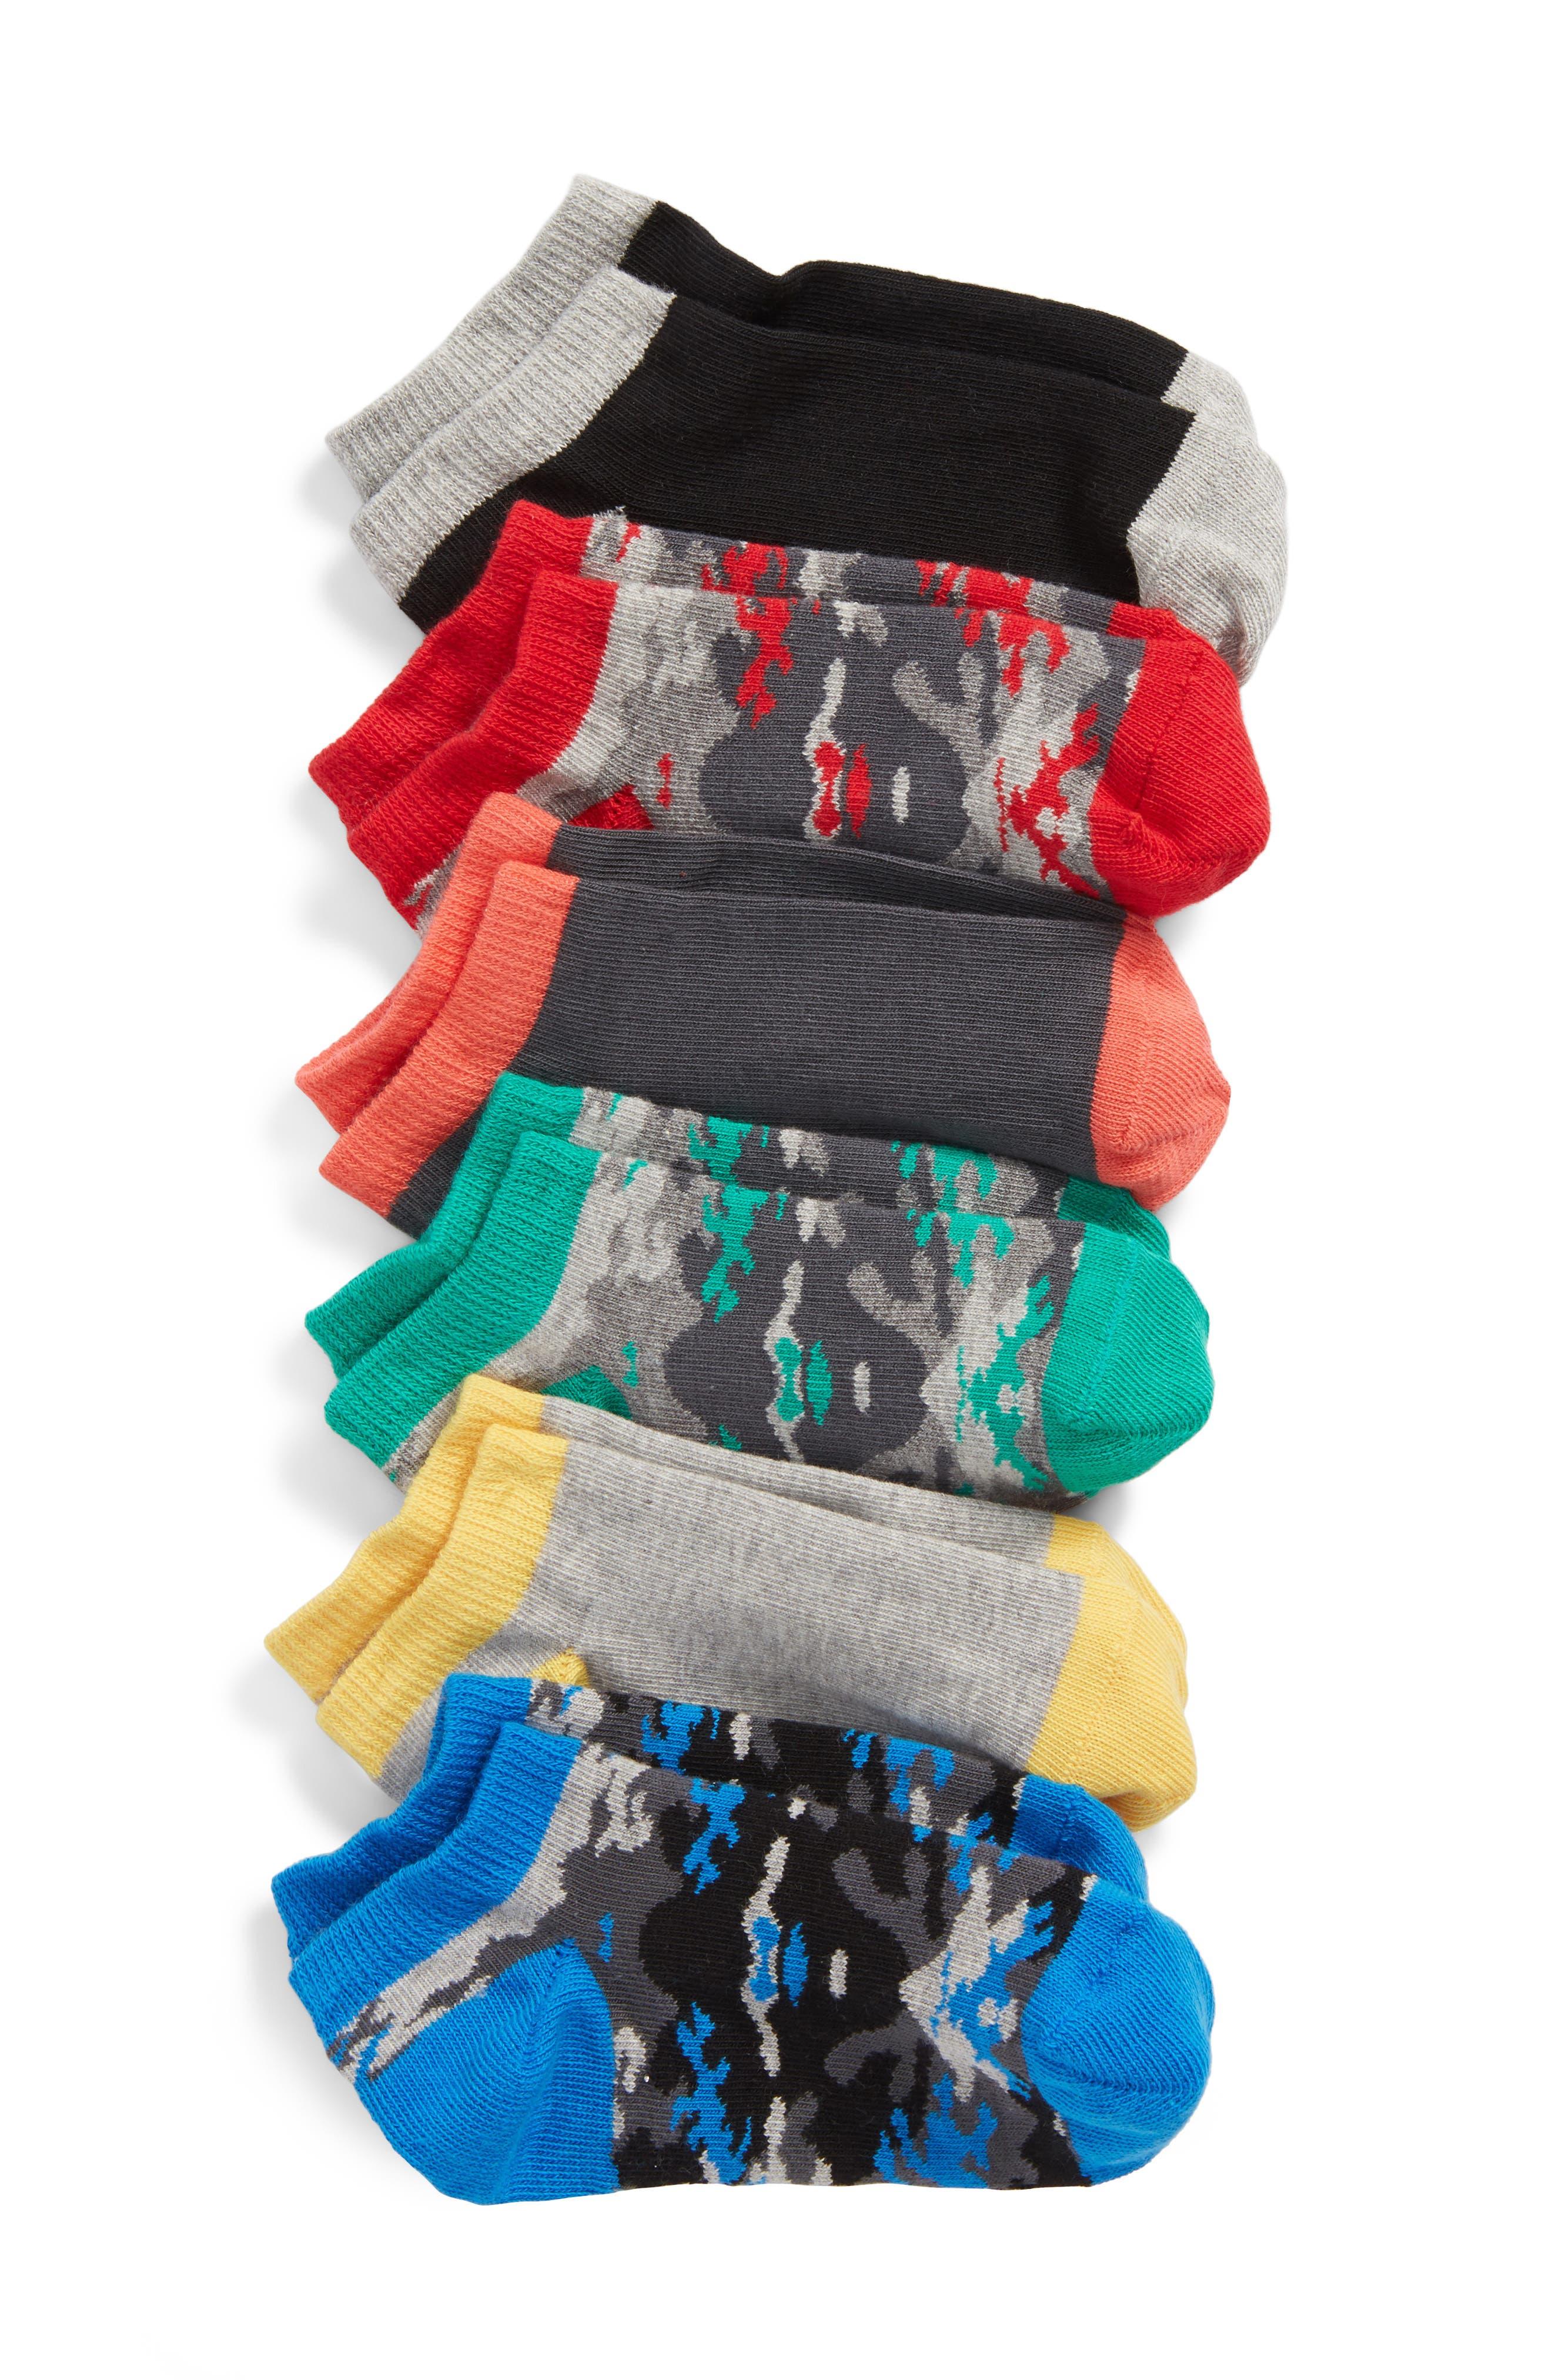 6-Pack Low Cut Socks,                             Main thumbnail 1, color,                             BLACK RAVEN MULTI